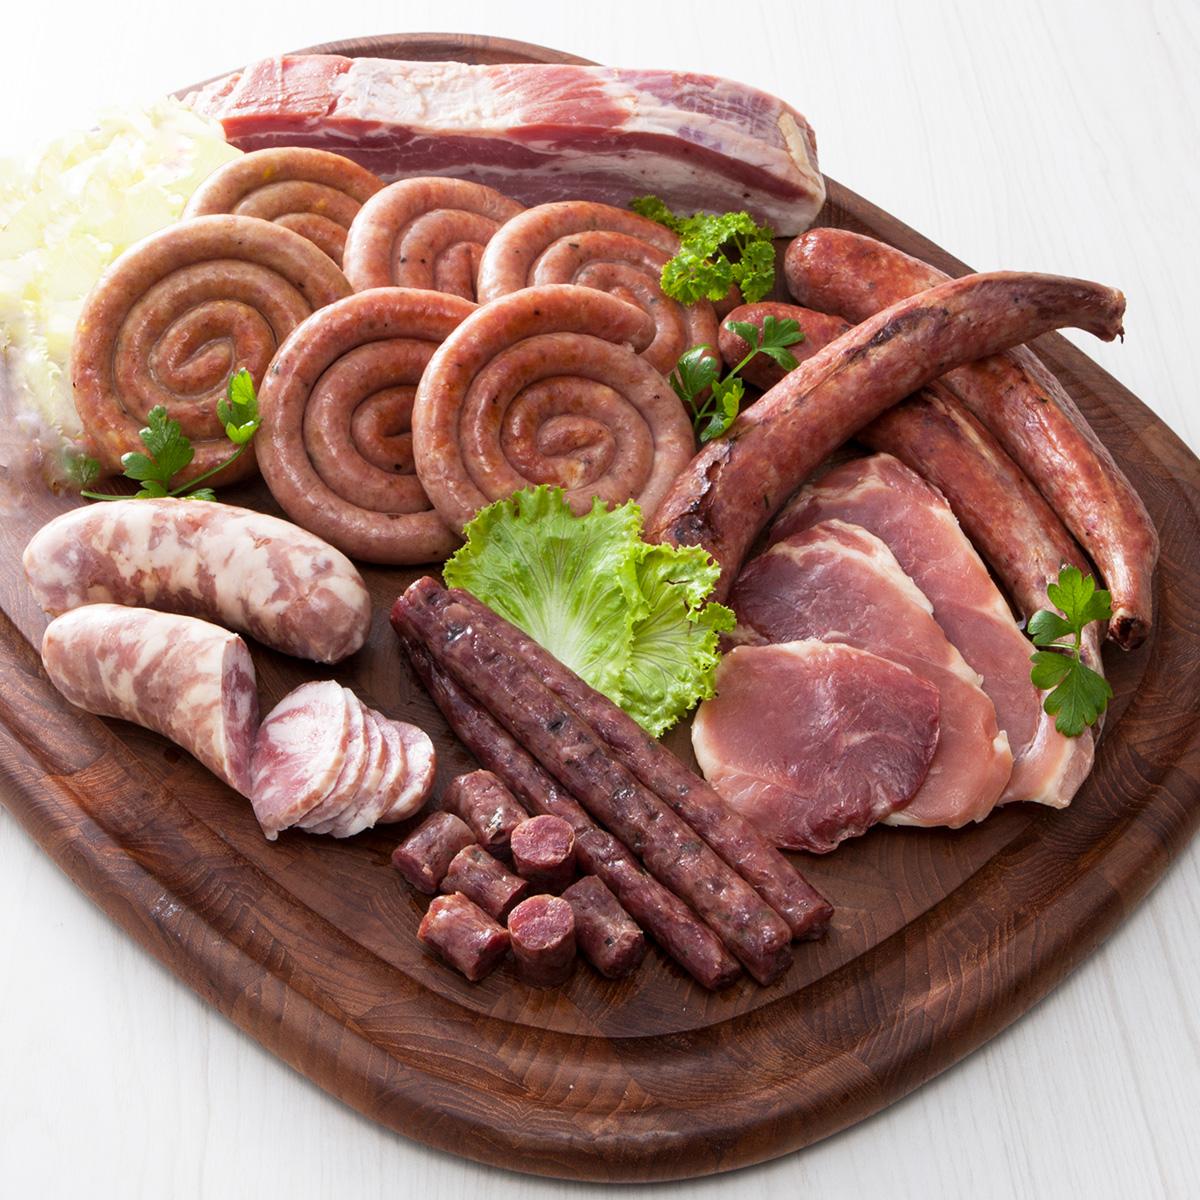 北海道産 とうやこ町お肉屋さんの味の詰め合わせセット 〔ソーセージ3種、シャンシャンハム、ポークジャーキー、豚バラベーコンブロック 〕 お肉屋さんたどころ